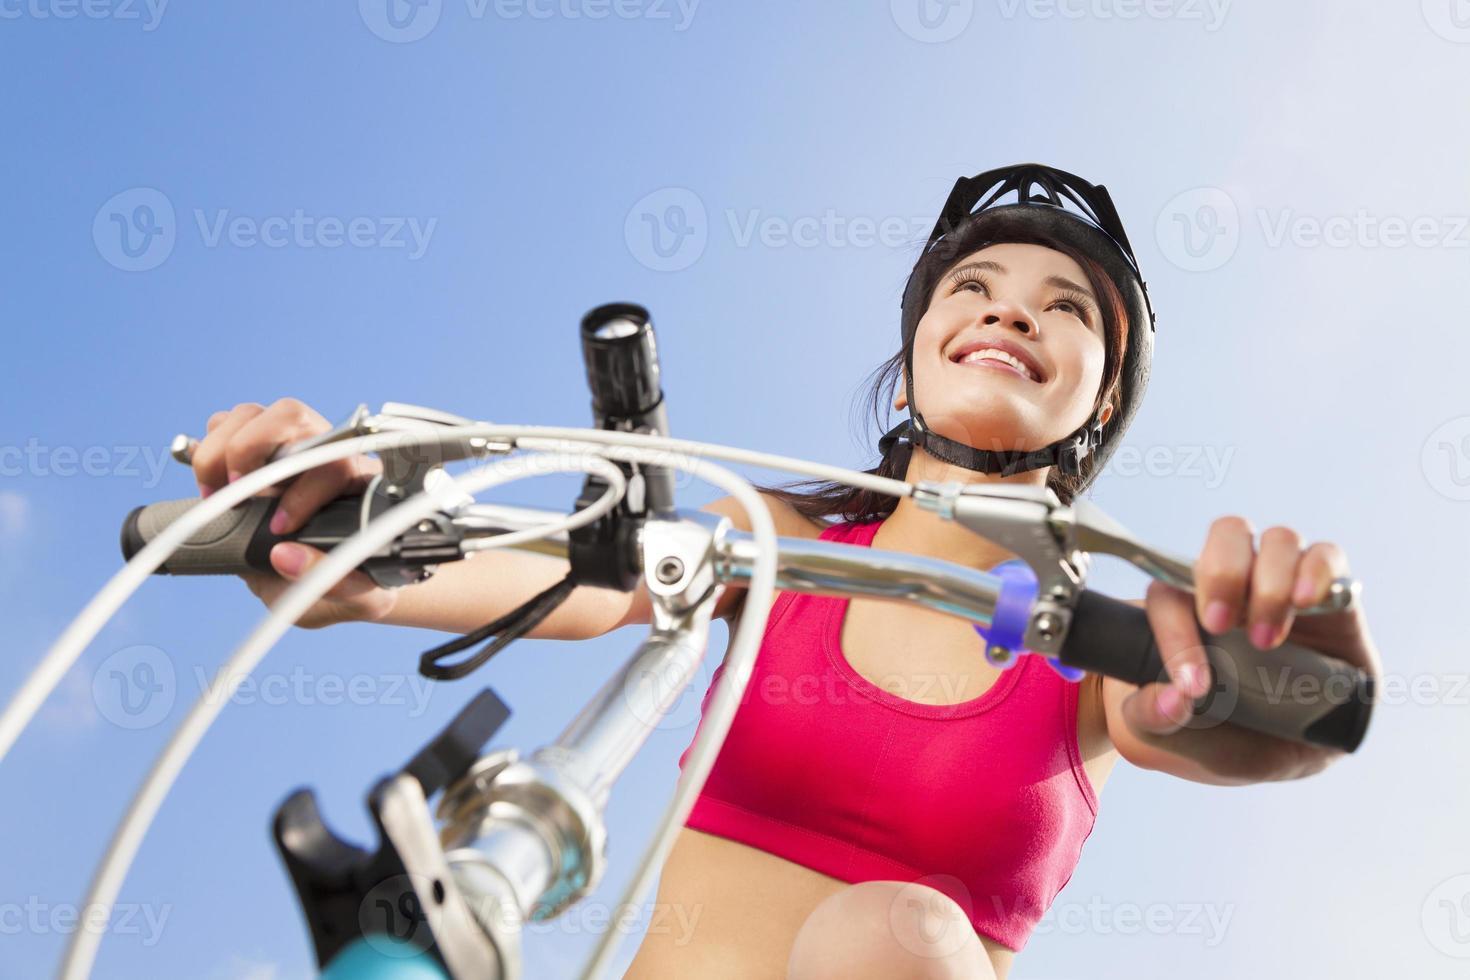 motociclista feminina, começando a andar com céu azul foto